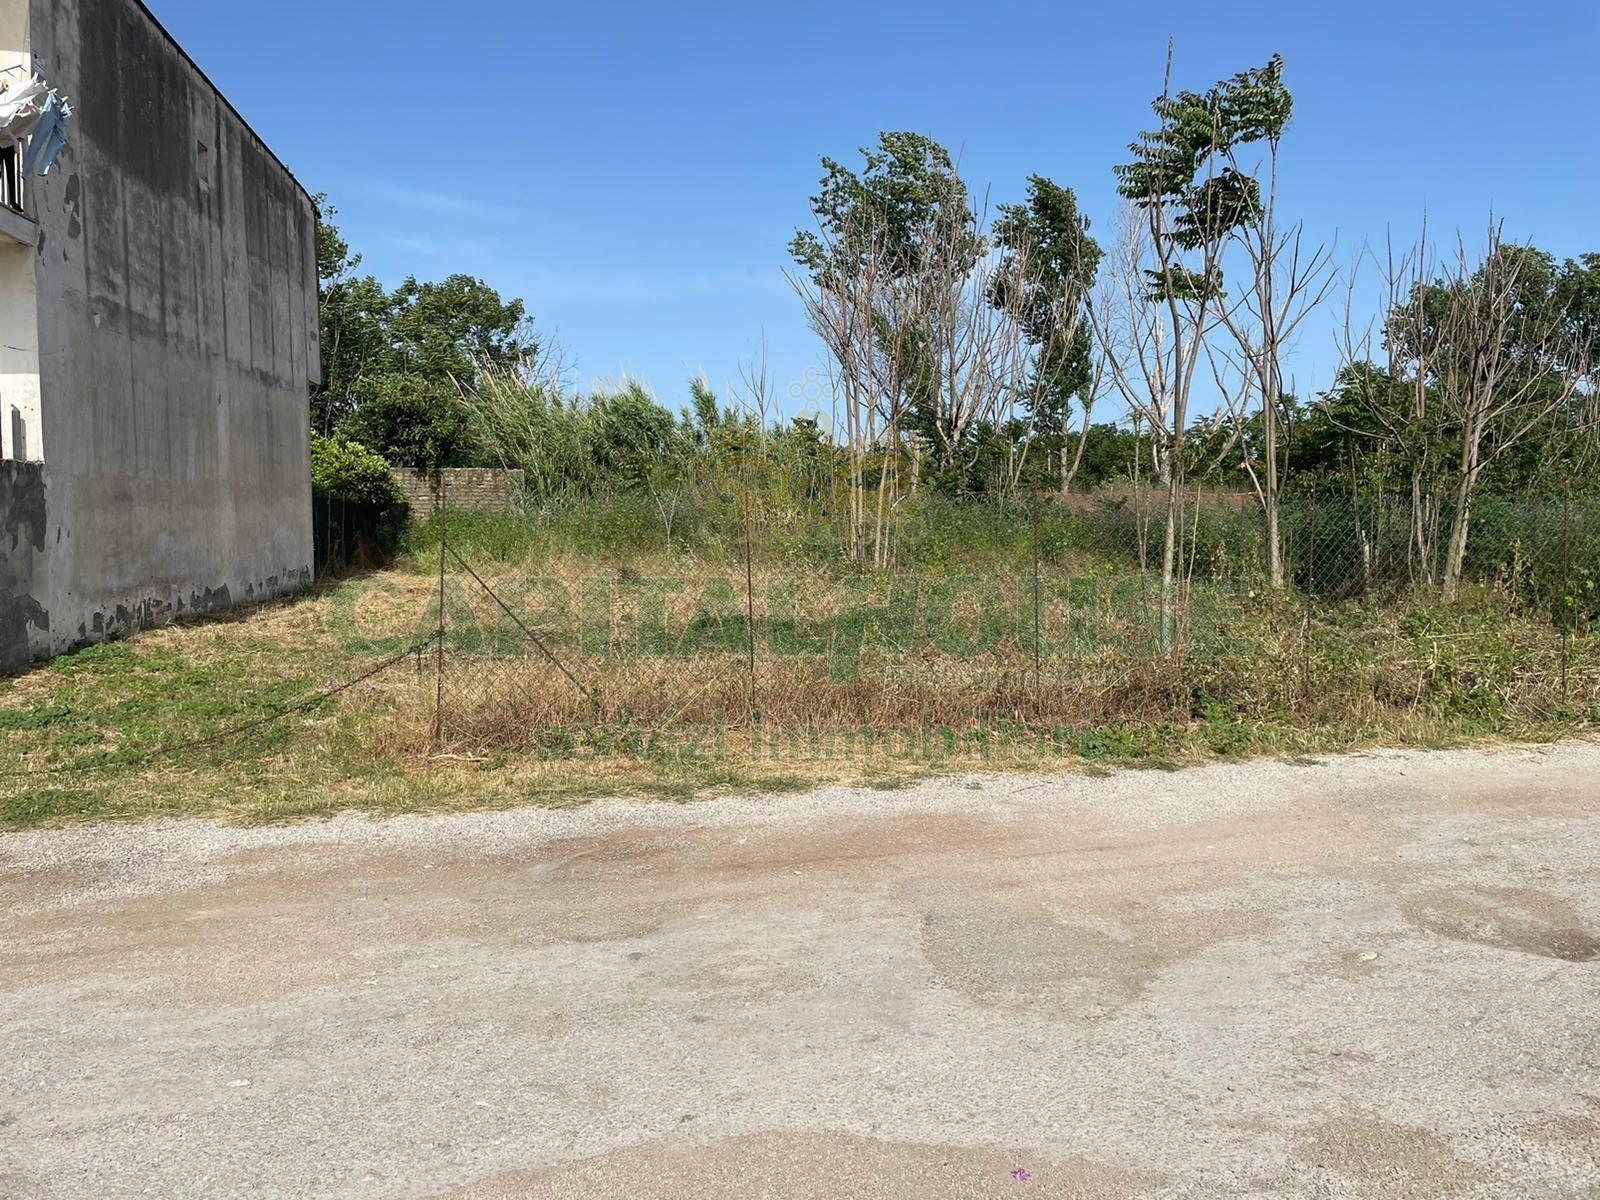 Terreno Agricolo in vendita a Frattamaggiore, 9999 locali, prezzo € 50.000 | CambioCasa.it